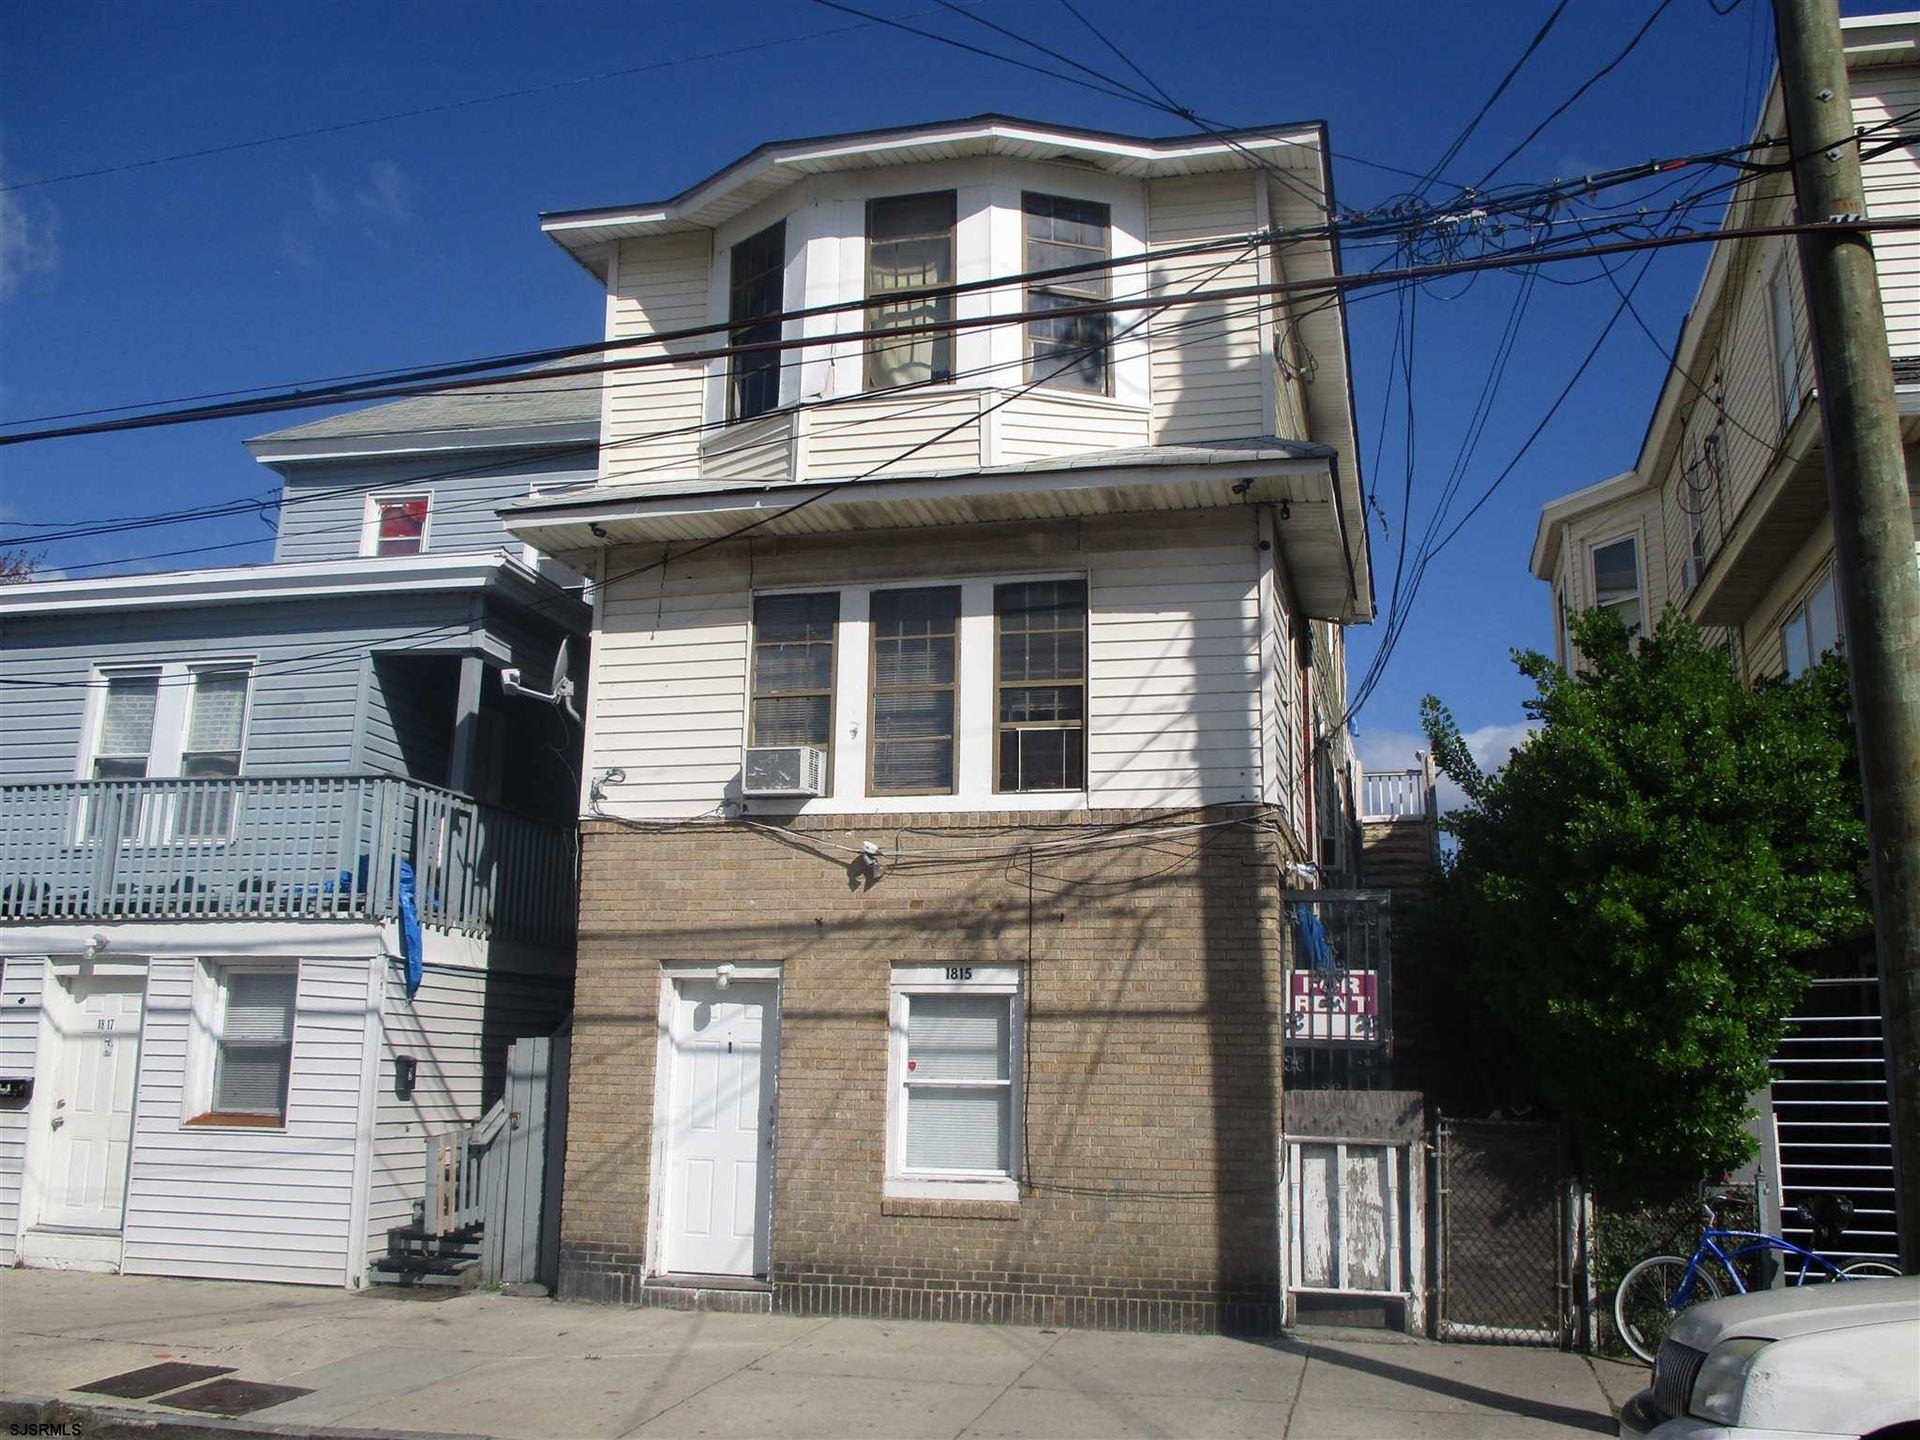 1815 Hummock Ave, Atlantic City, NJ 08401 - #: 549887